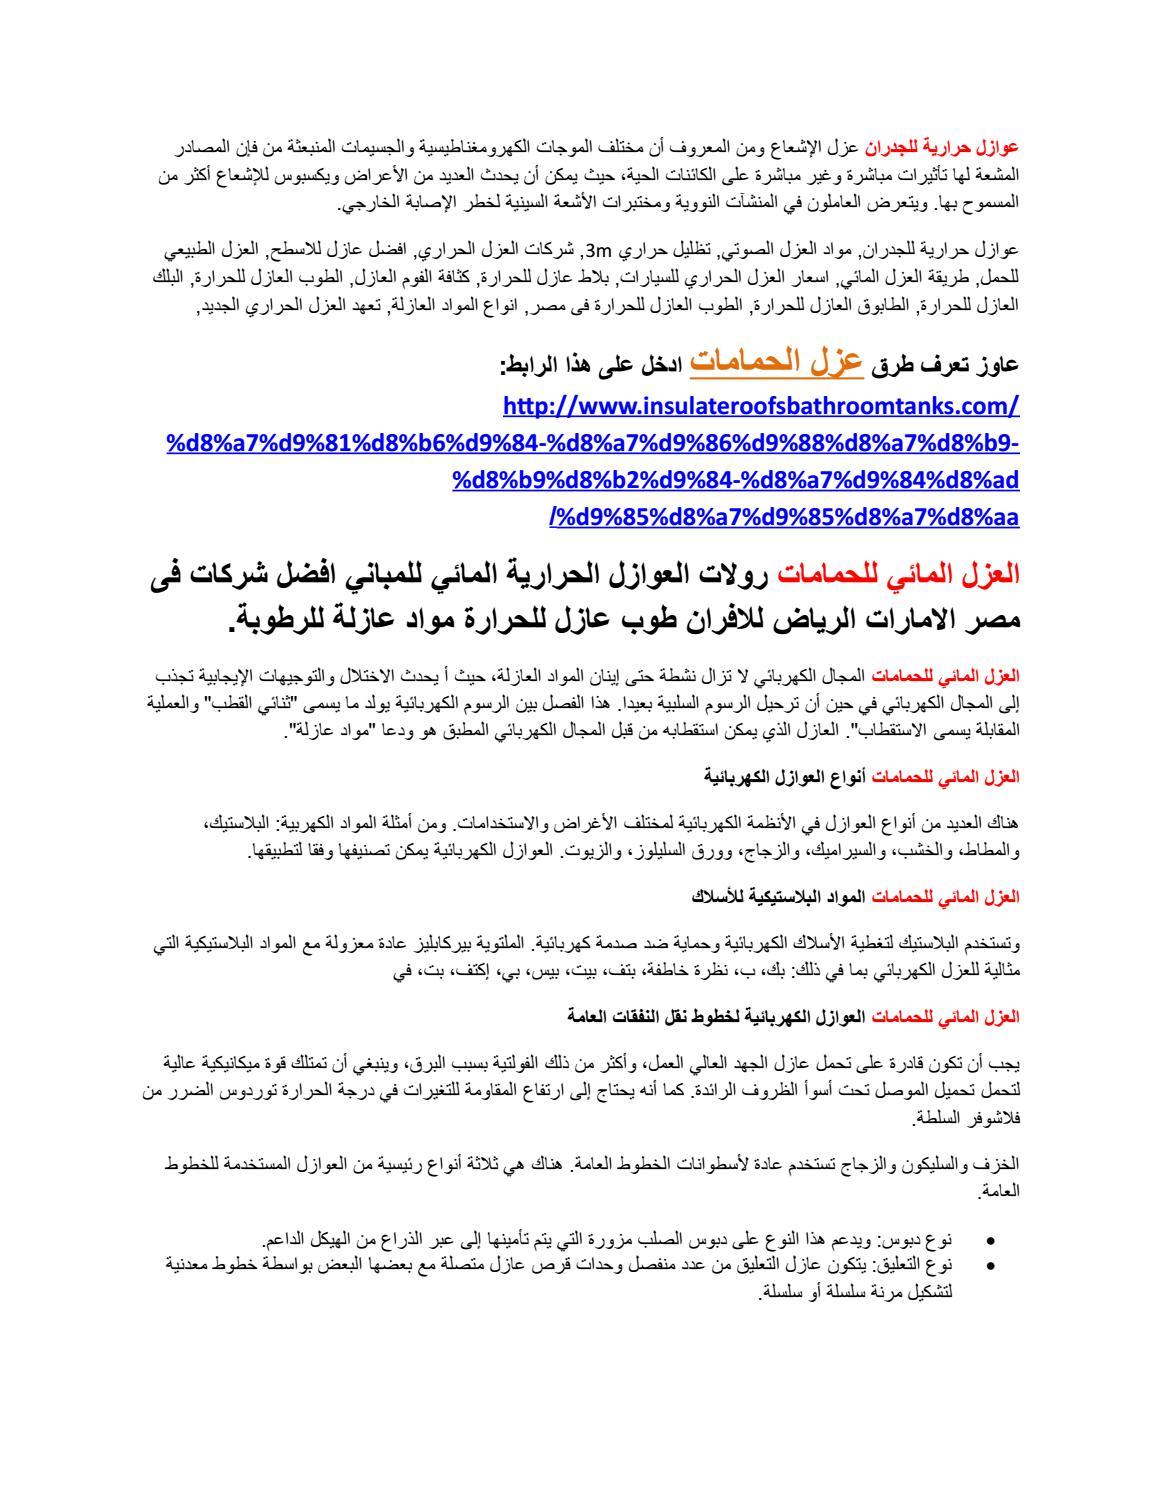 اسعار عزل الحمامات المطابخ المسابح حمامات السباحة في مصر السعودية الكويت الامارات عمان By Yoummisr Issuu